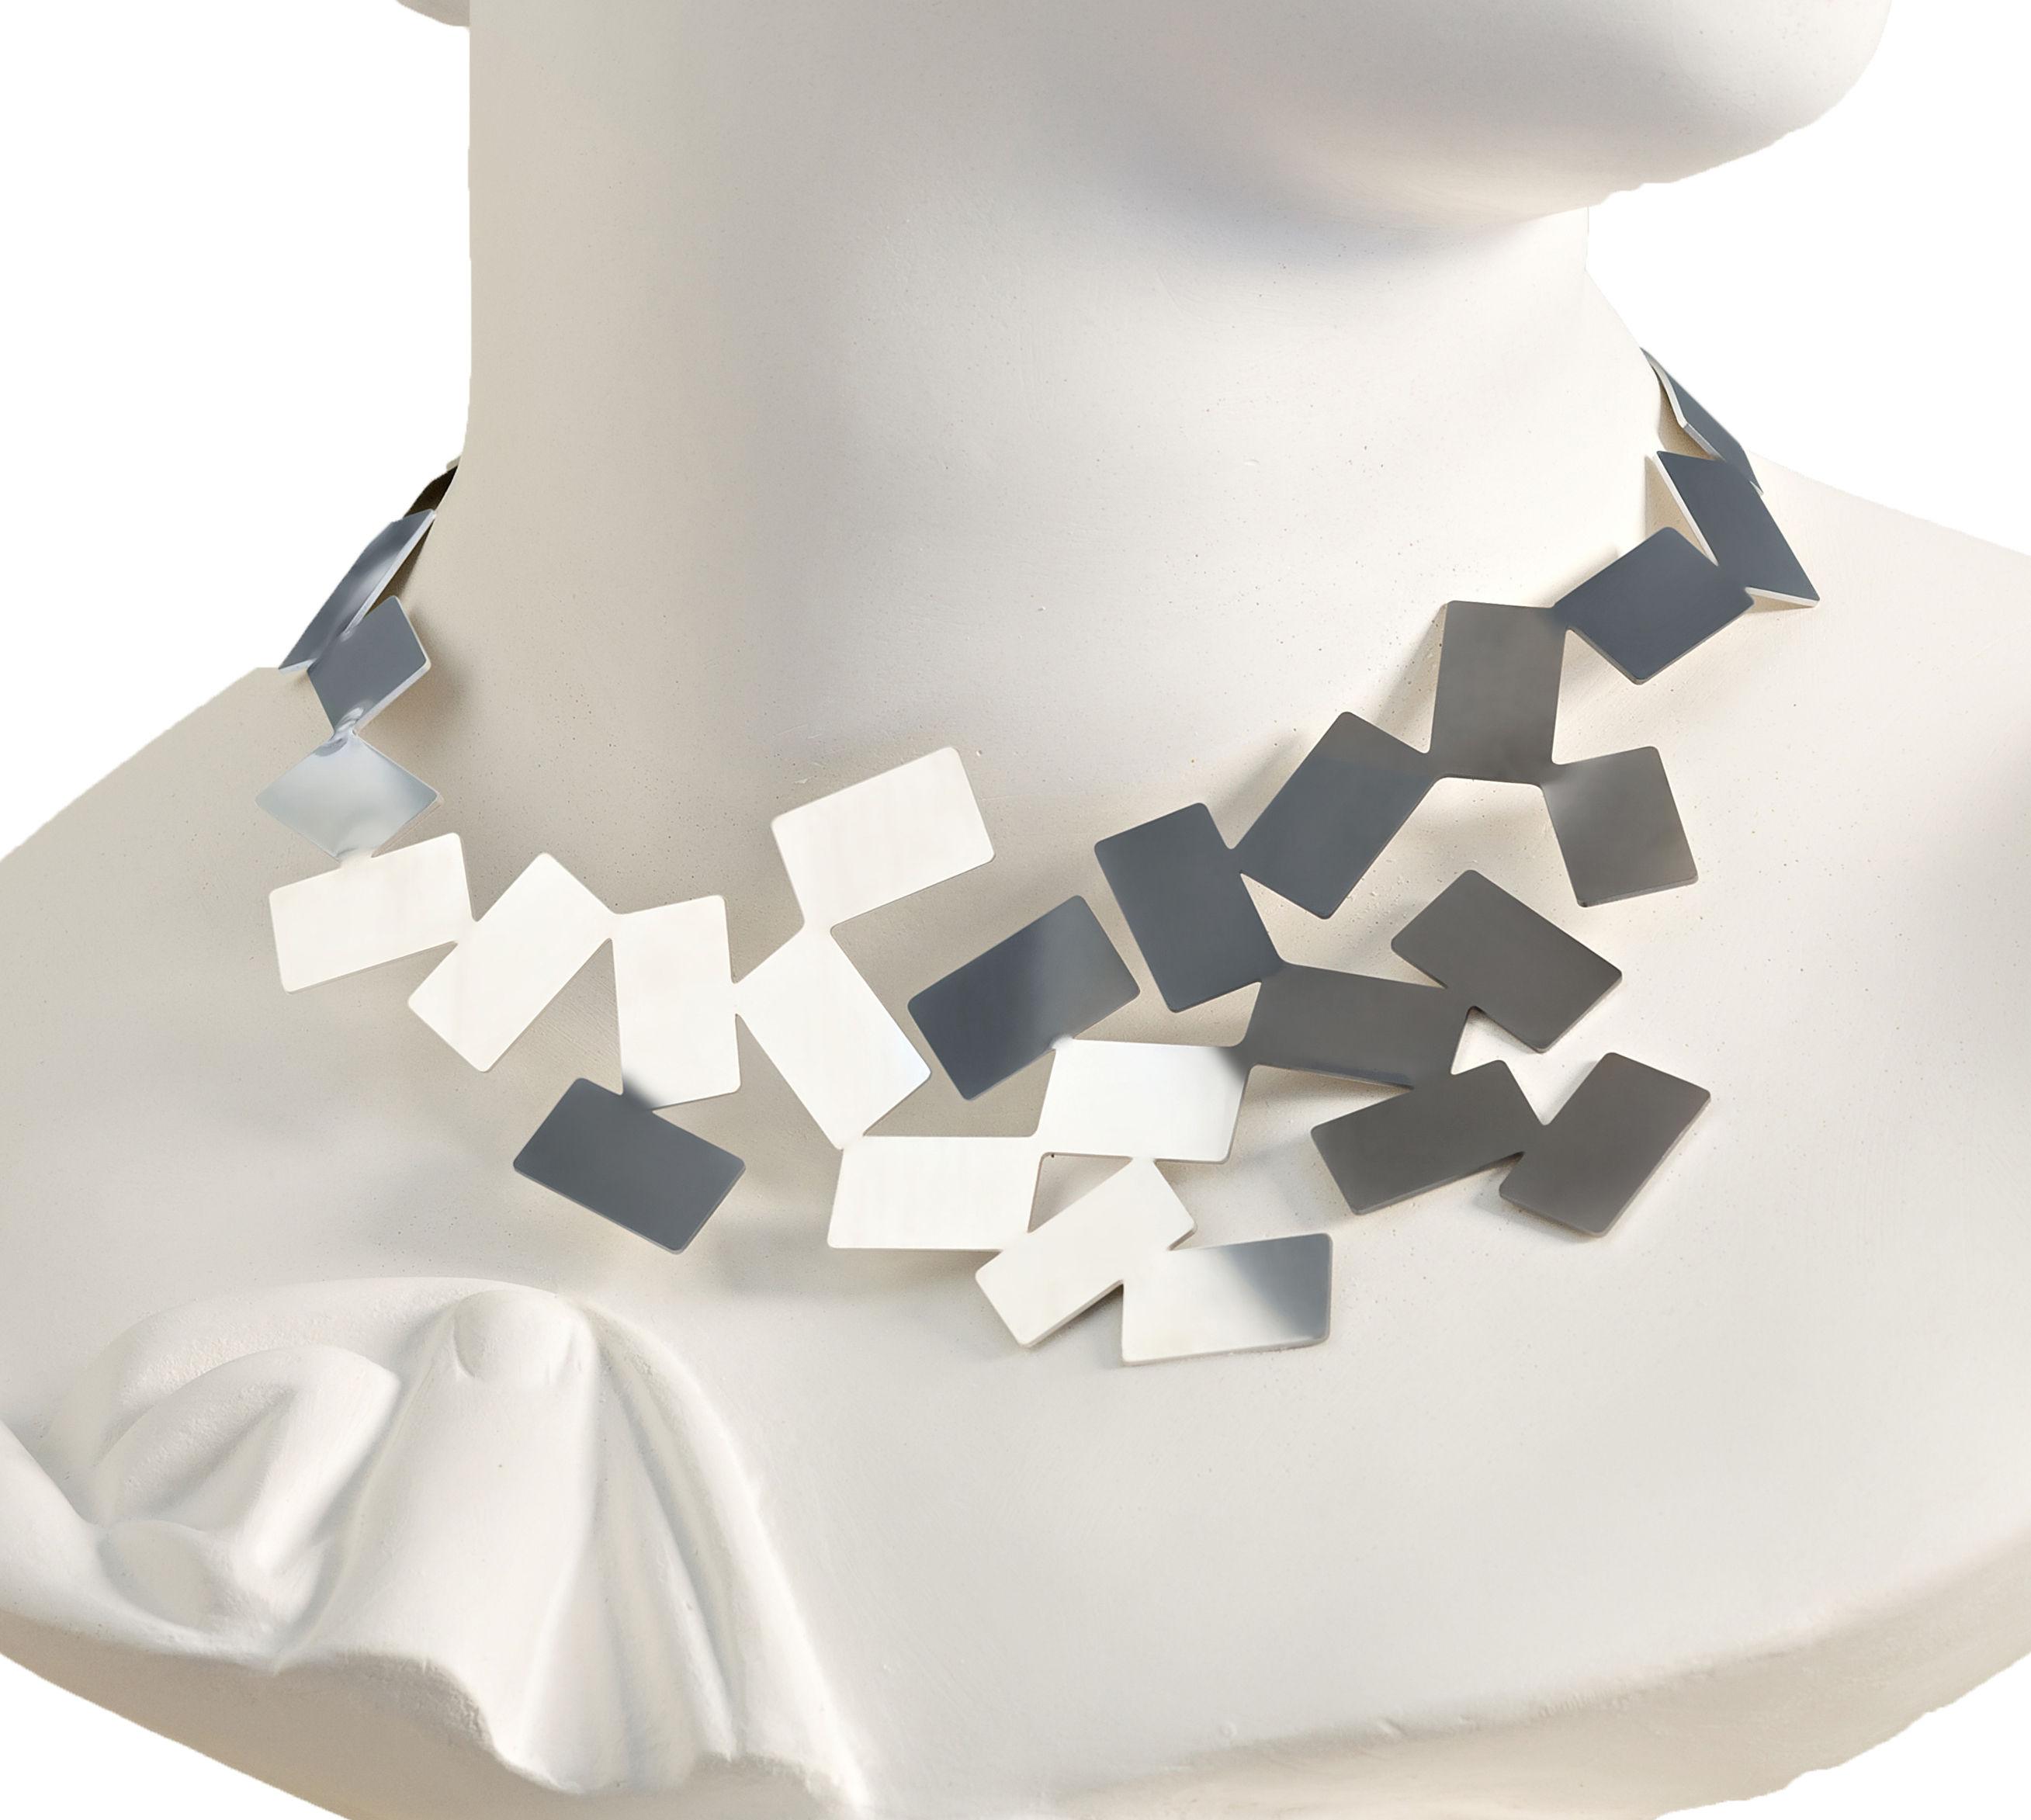 Accessoires - Schmuck - Fiato sul collo Halskette - Alessi - Stahl glänzend - Acier inoxydable brillant